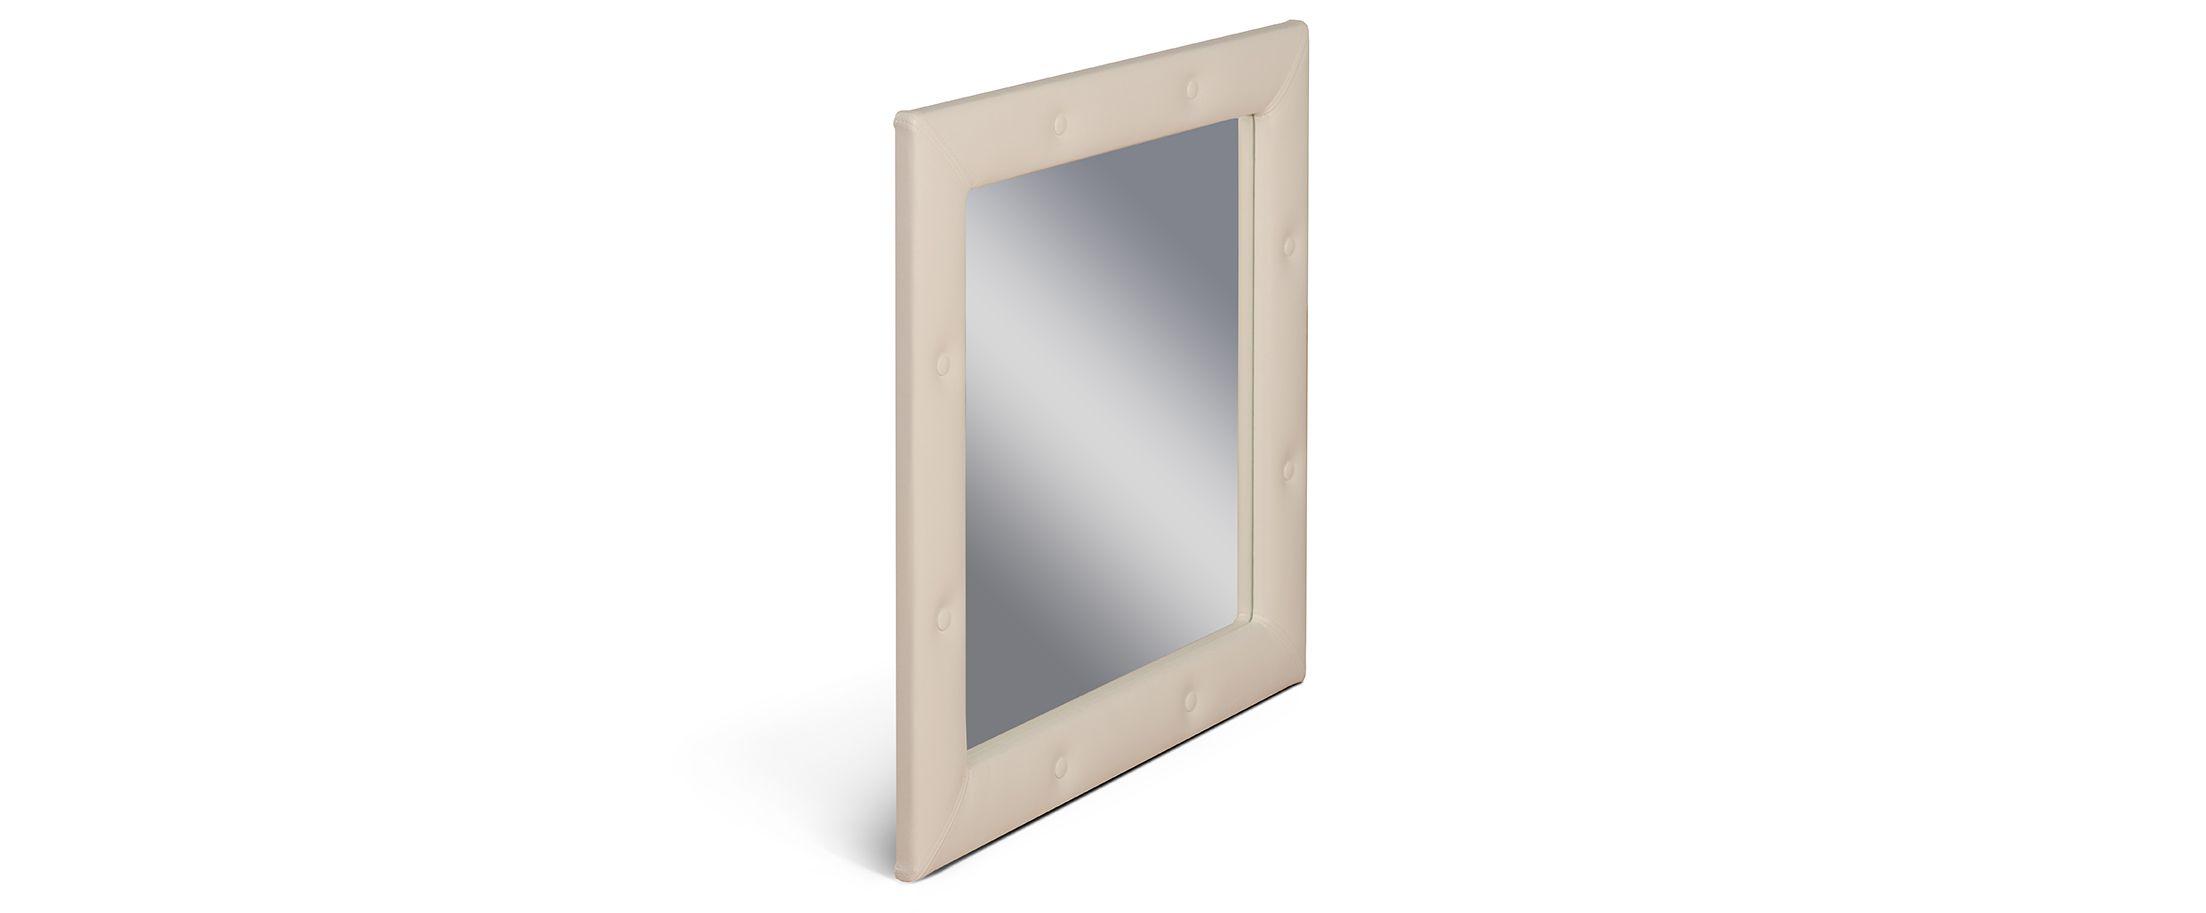 Зеркало Кааба суфлеЗеркало навесное в спальню. Обивка из экокожи с декоративными пуговицами. Артикул: К000442<br><br>Ширина см: 86<br>Глубина см: 4<br>Высота см: 86<br>Цвет: Суфле<br>Материал: Экокожа